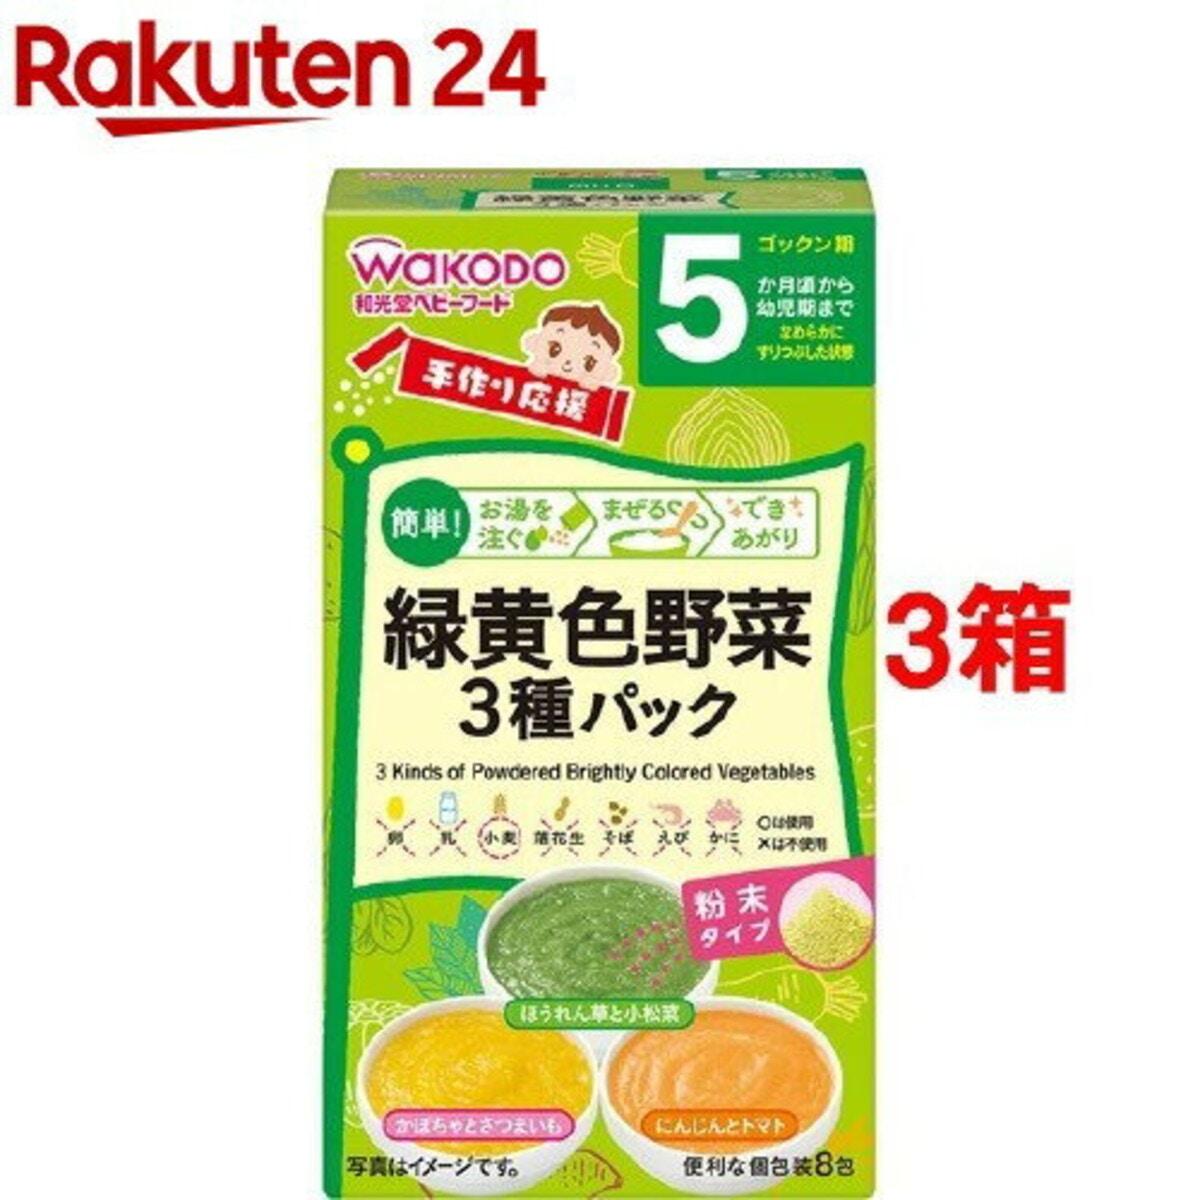 和光堂 手作り応援 「緑黄色野菜3種パック」